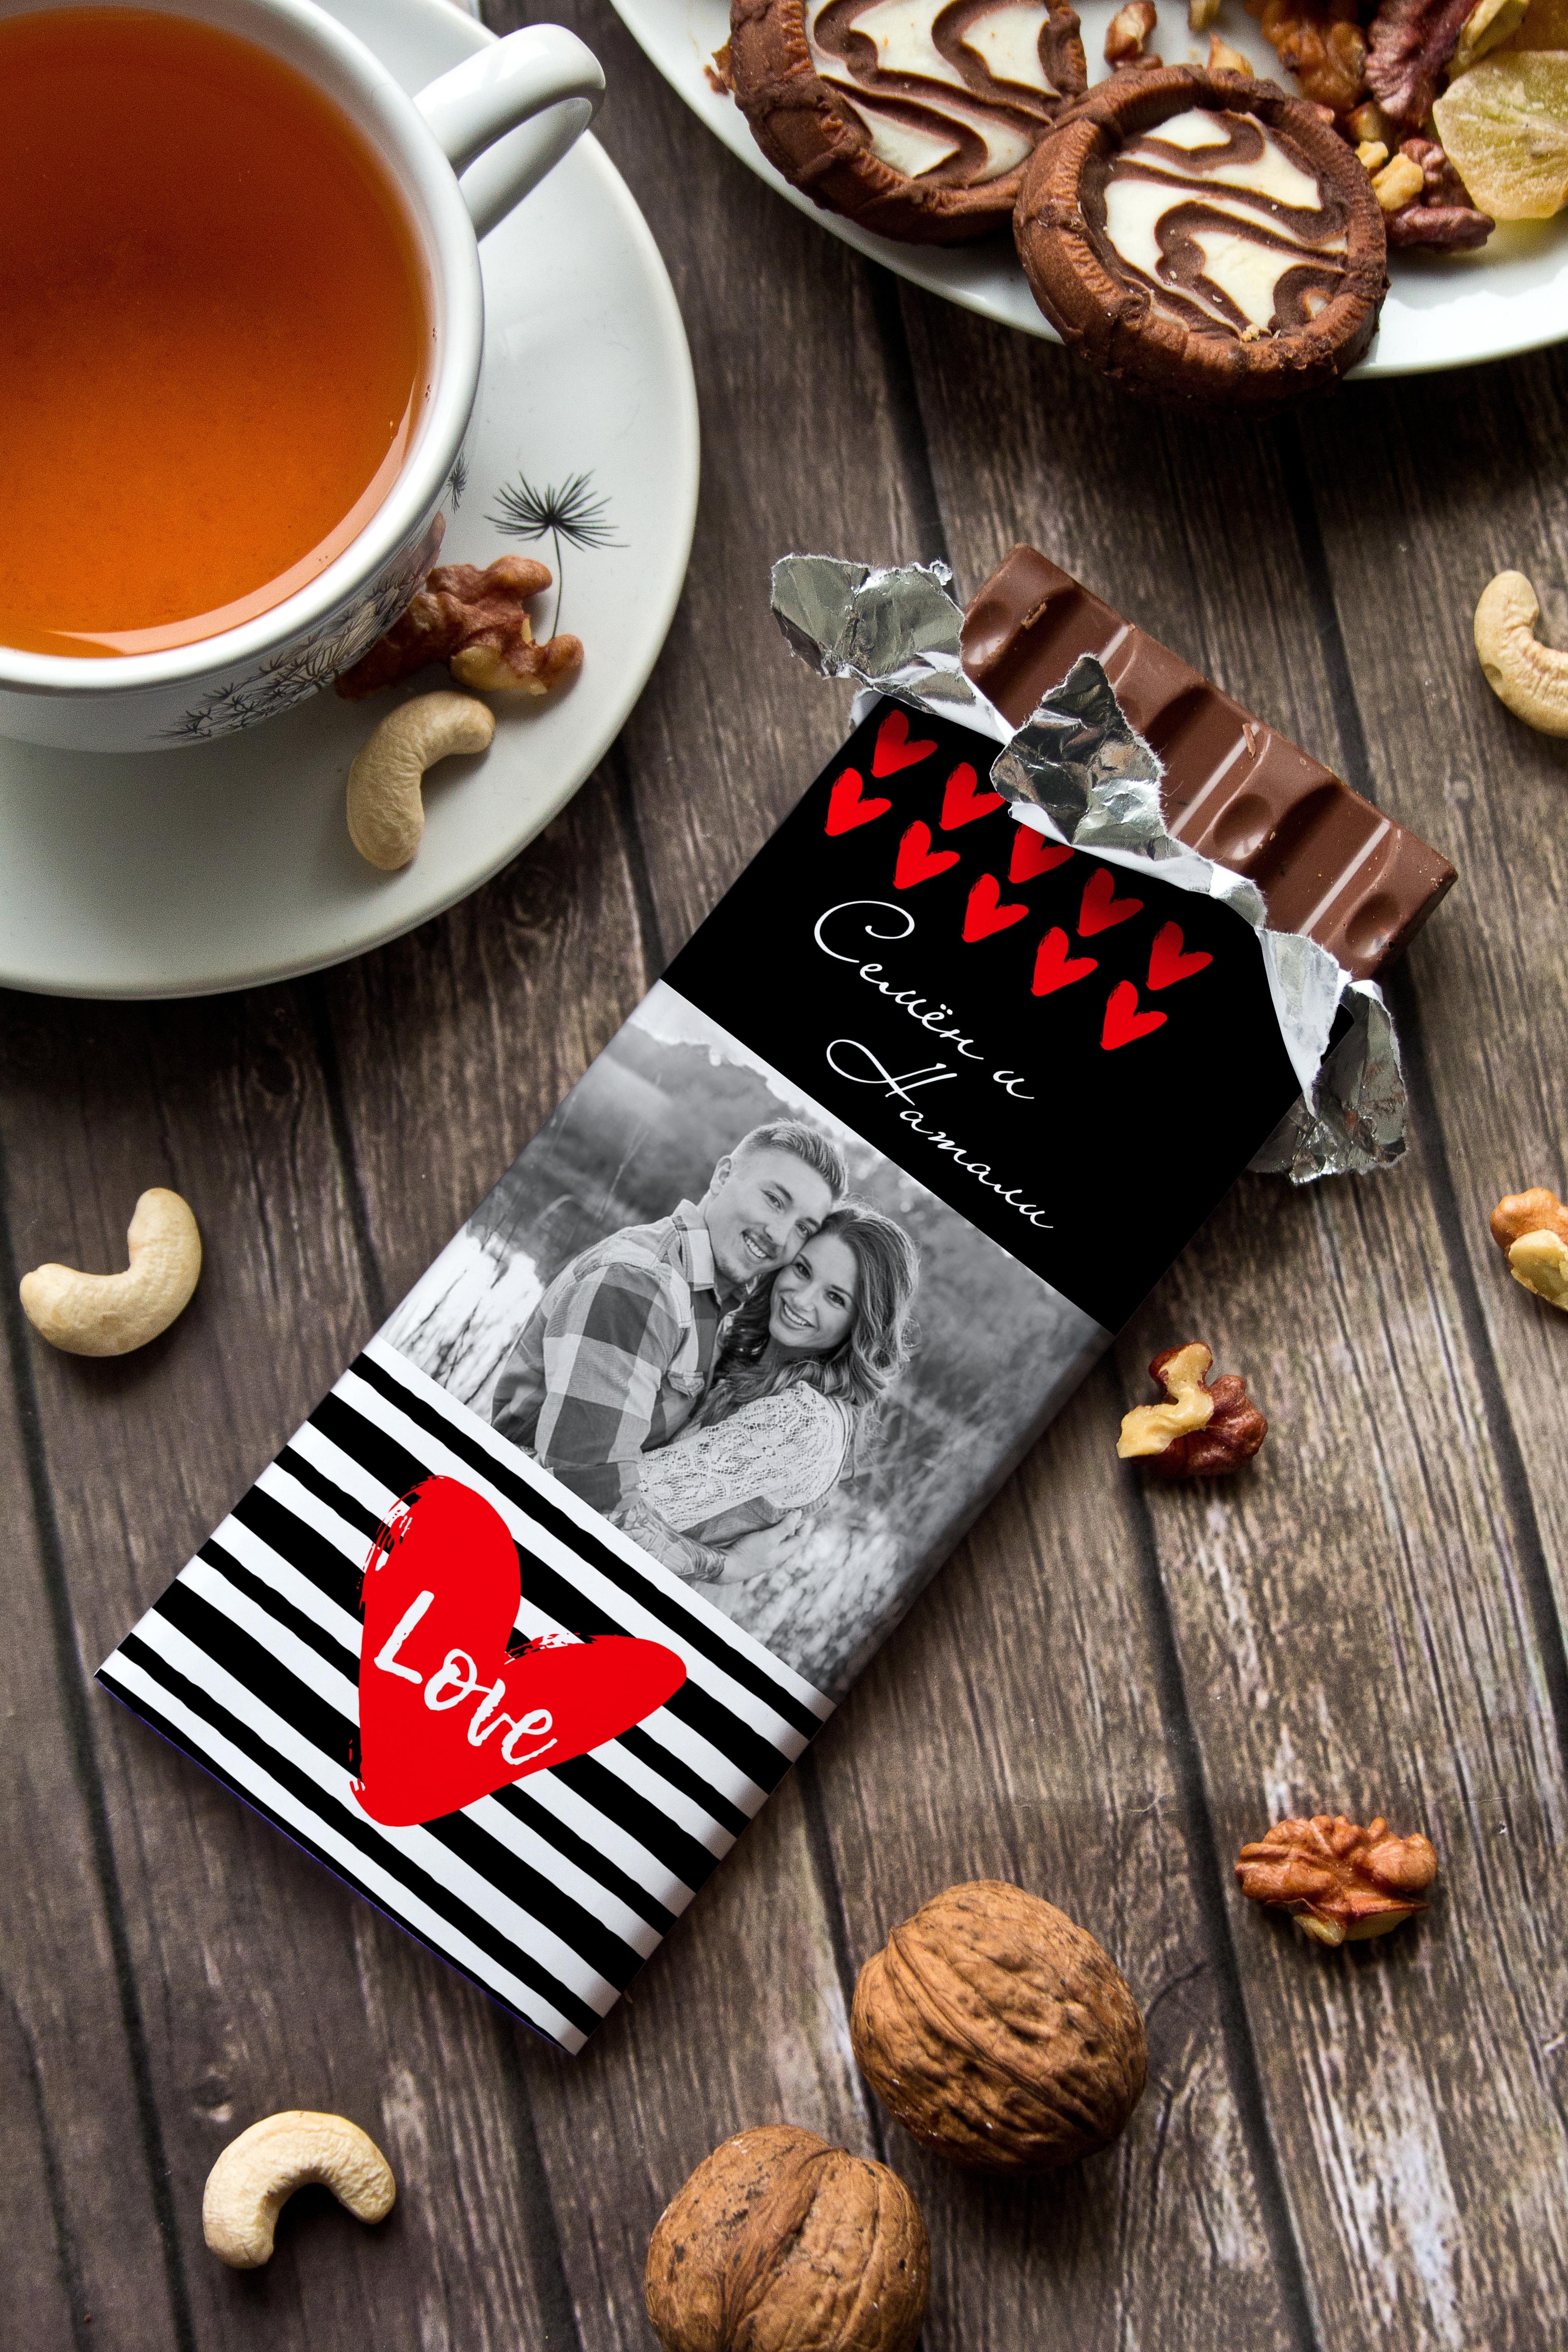 Шоколад с Вашим именем Живи, Смейся, ЛюбиПодарки ко дню рождения<br>Молочный шоколад с изюмом и орехами в персональной именной упаковке будет приятным сувениром для сладкоежки! Масса - 90г.<br>